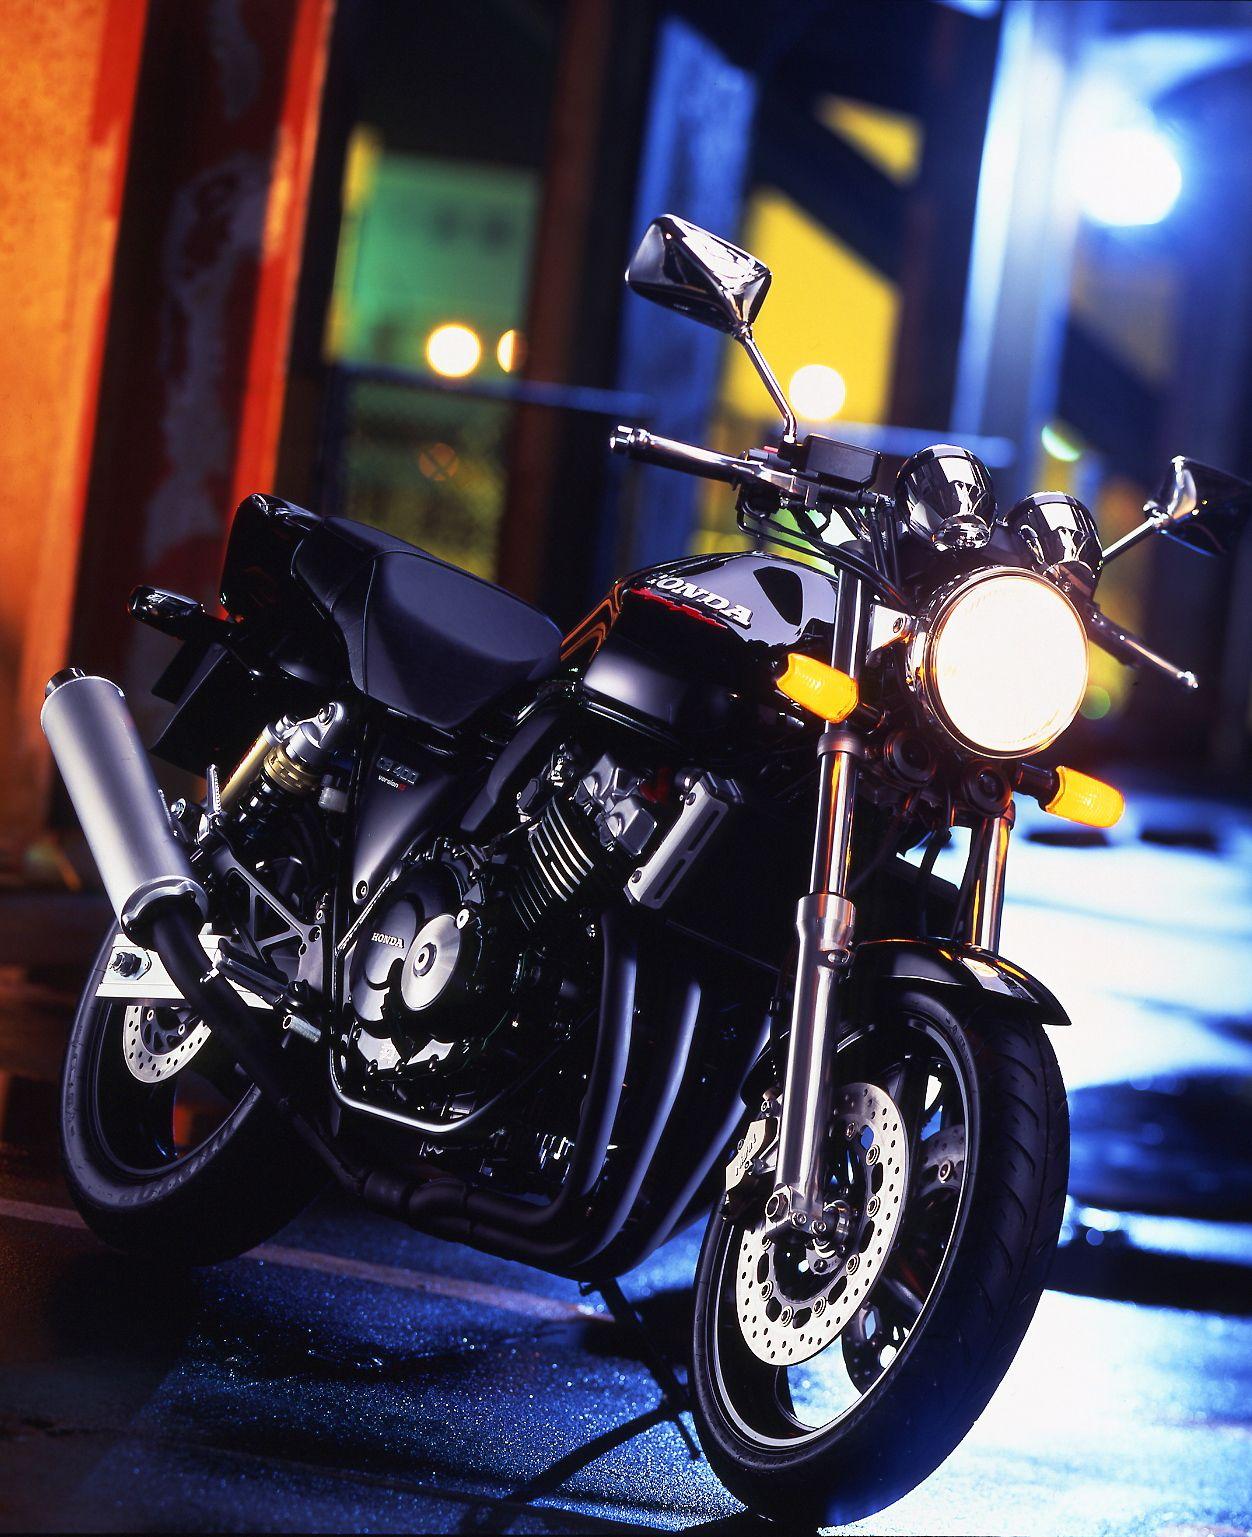 Cb400sfの歴史はここから始まった 1992年 初代 Cb400sf まとめ バイクニュース タンデムスタイル タンデム Cb400sf カスタム バイク